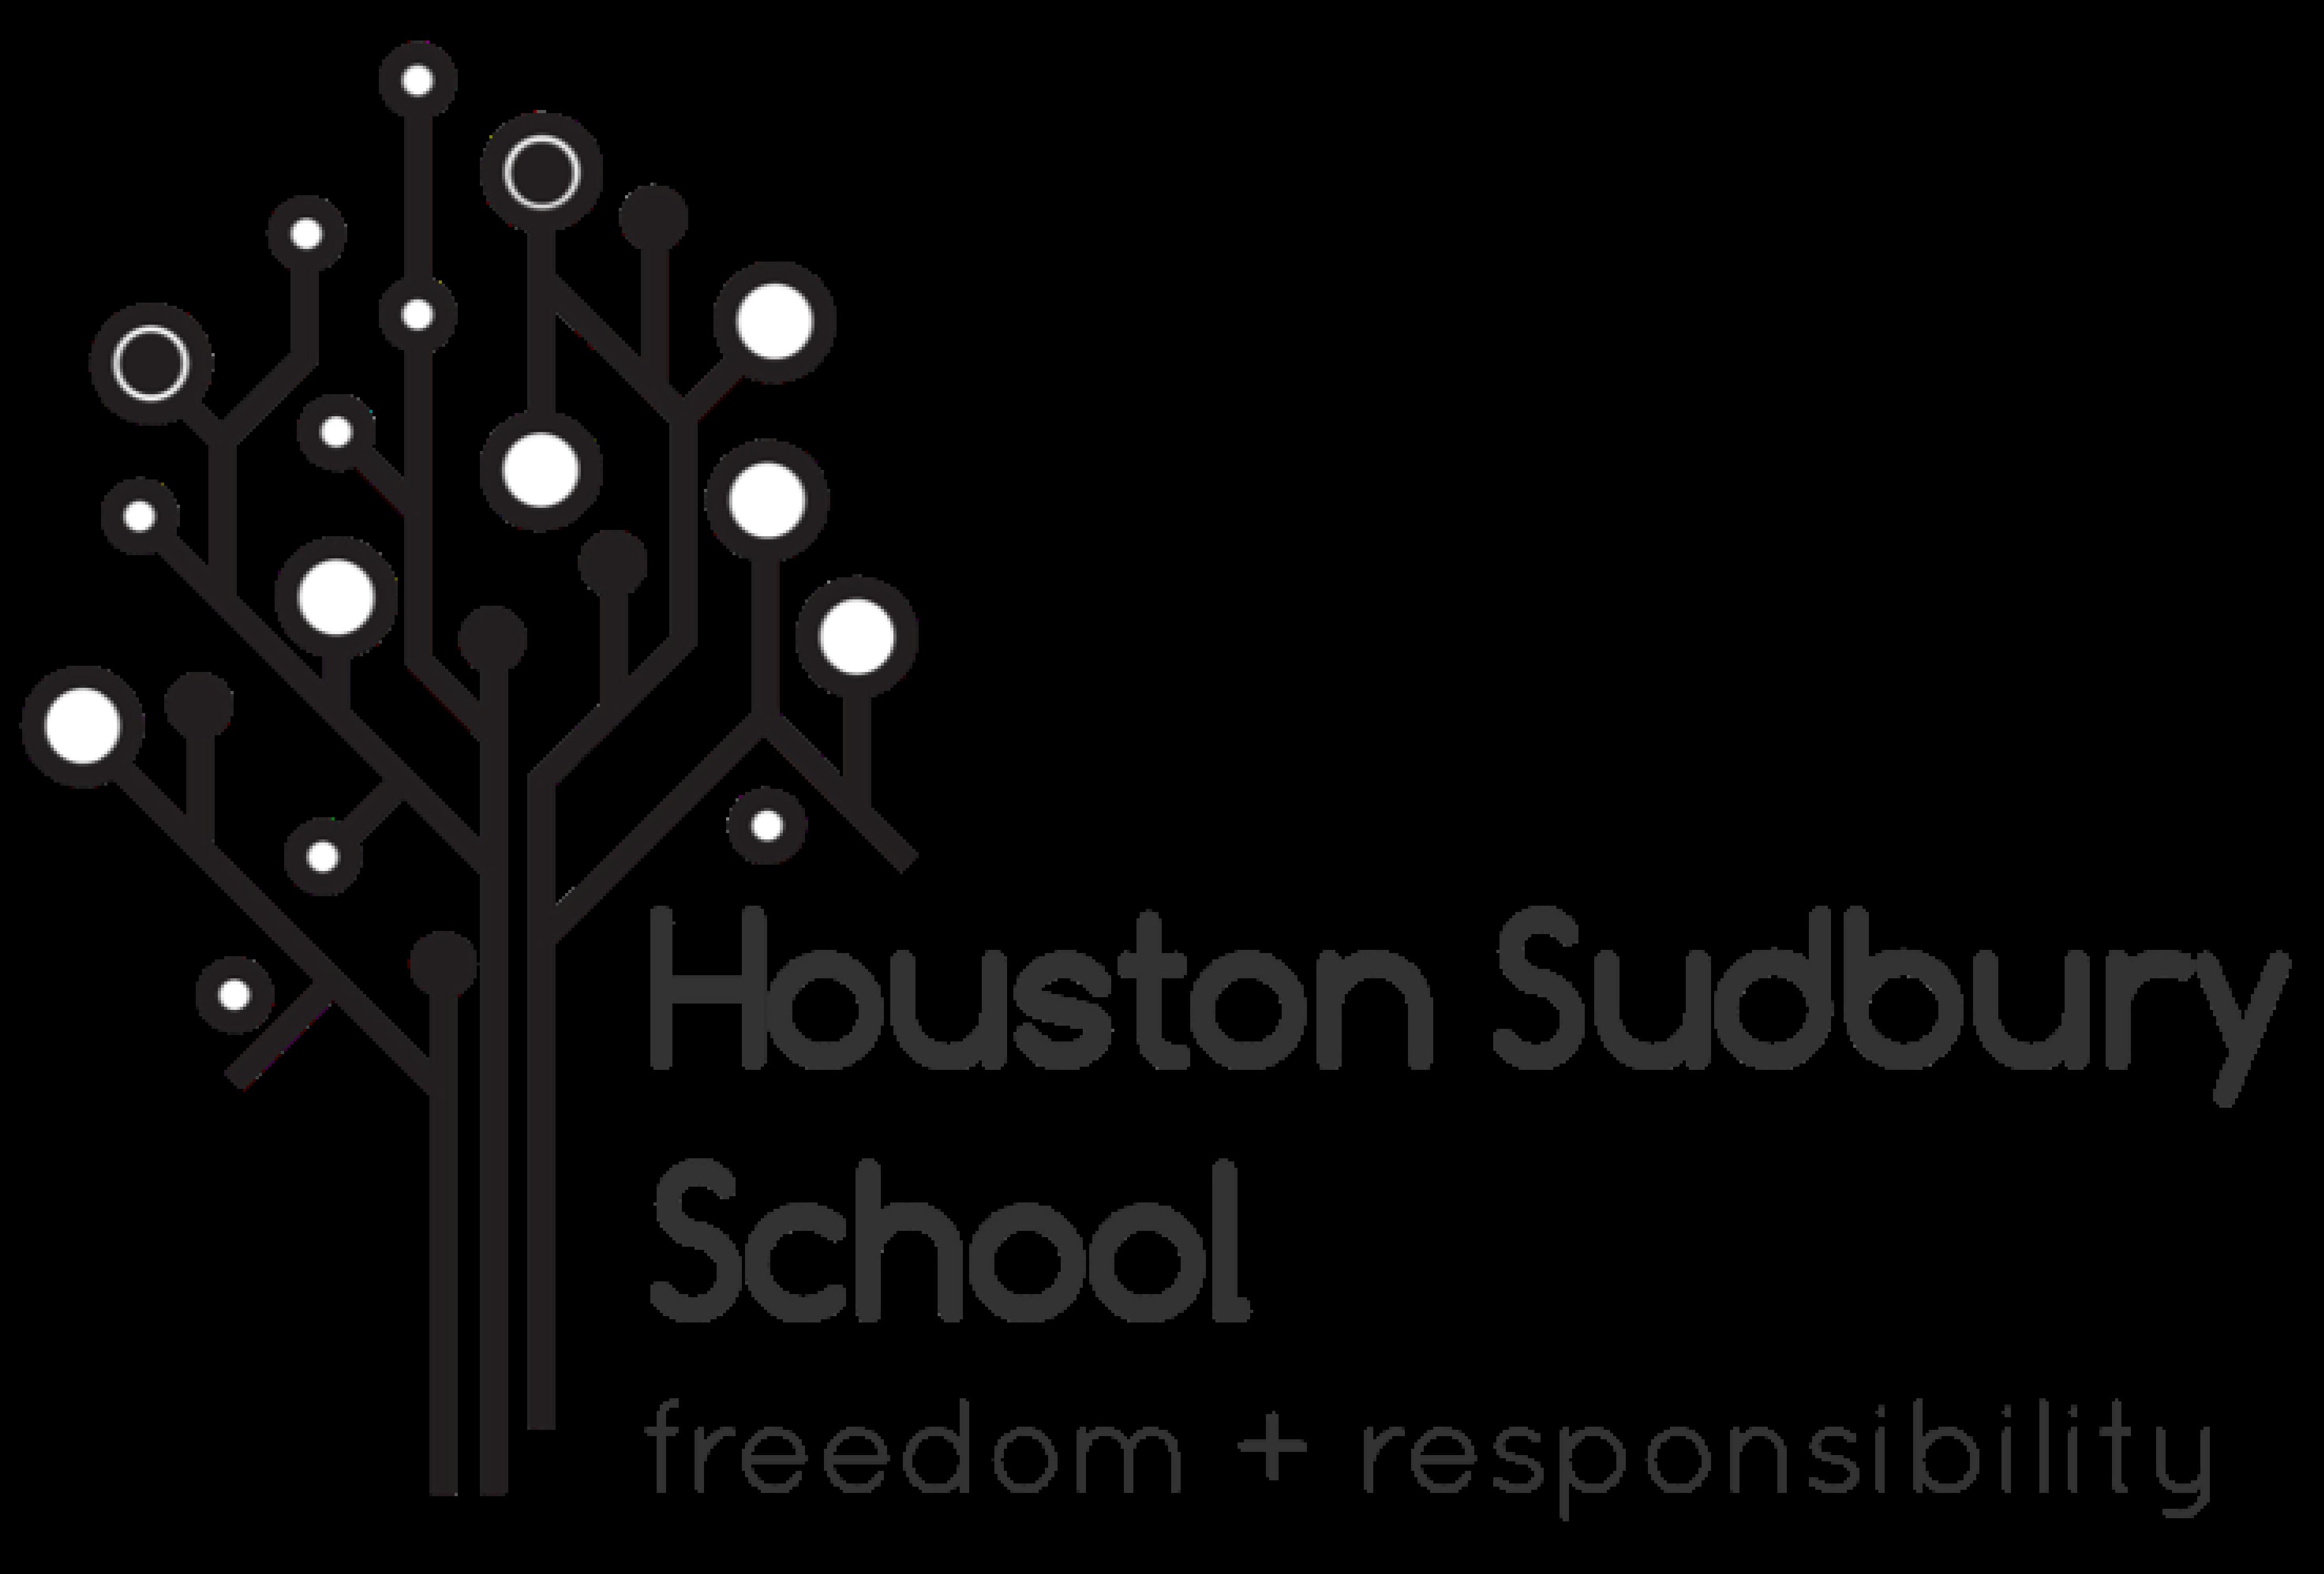 Houston Sudbury School logo